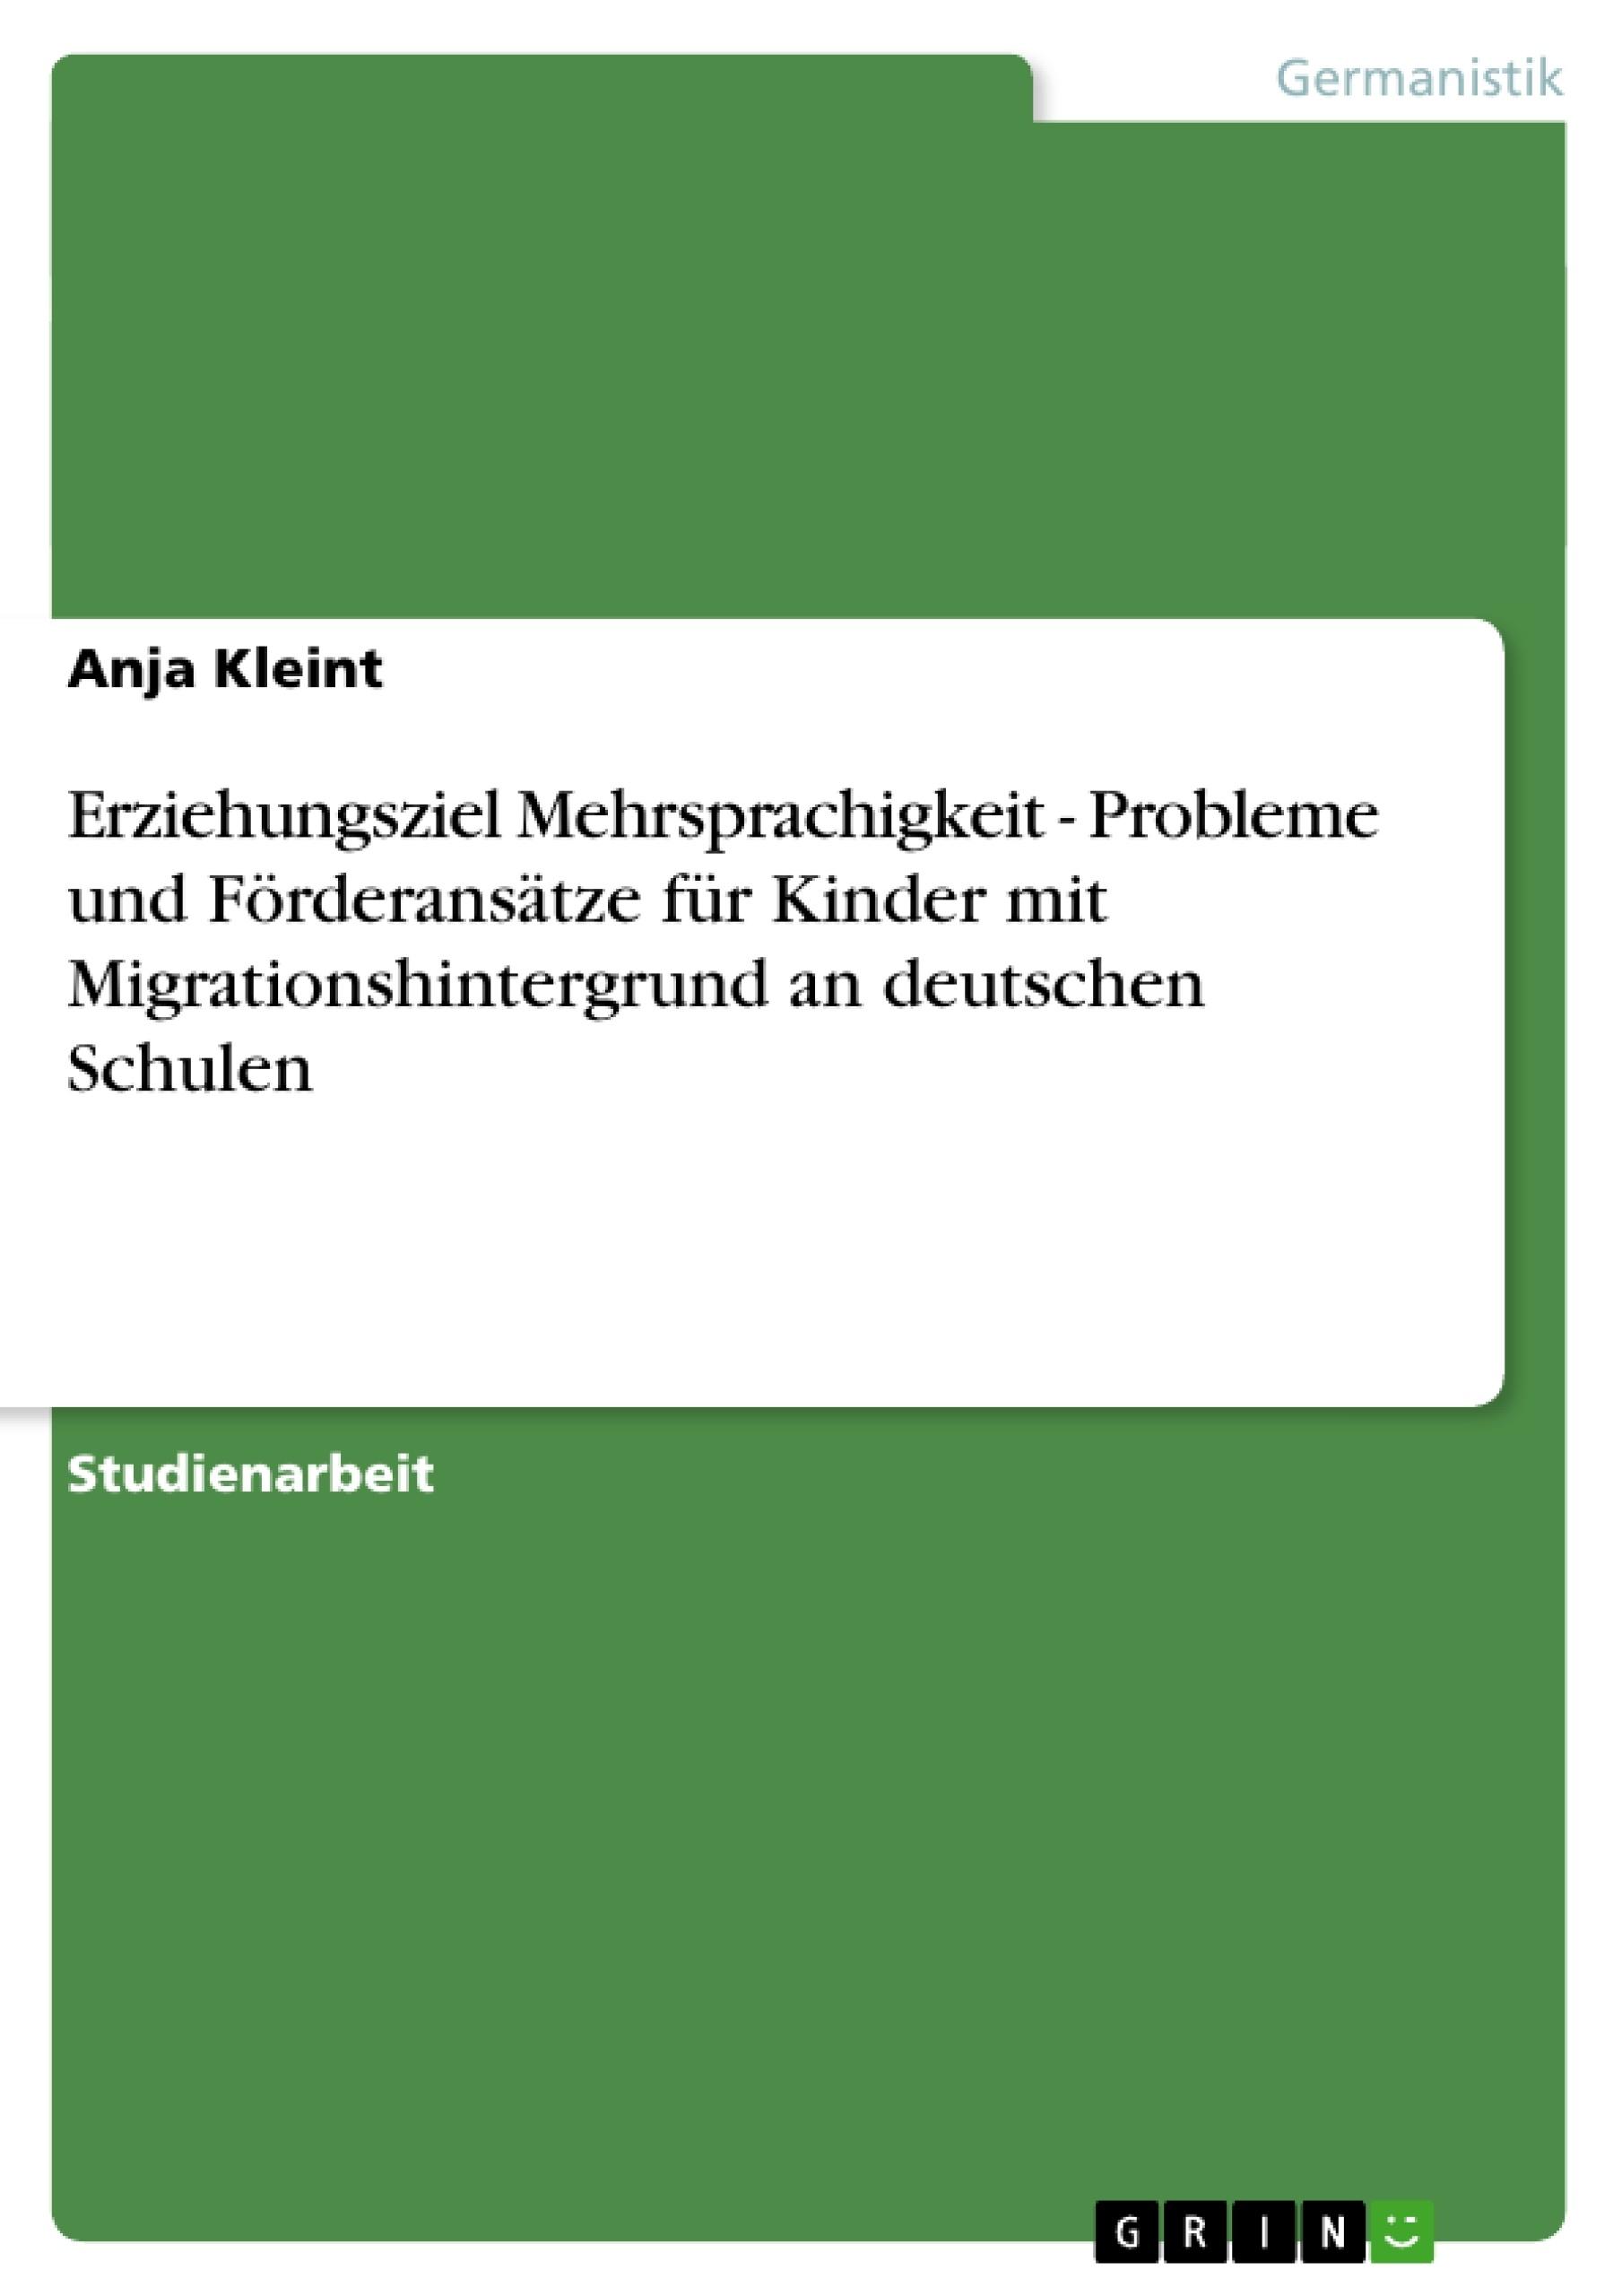 Titel: Erziehungsziel Mehrsprachigkeit  -  Probleme und Förderansätze für Kinder mit Migrationshintergrund an deutschen Schulen